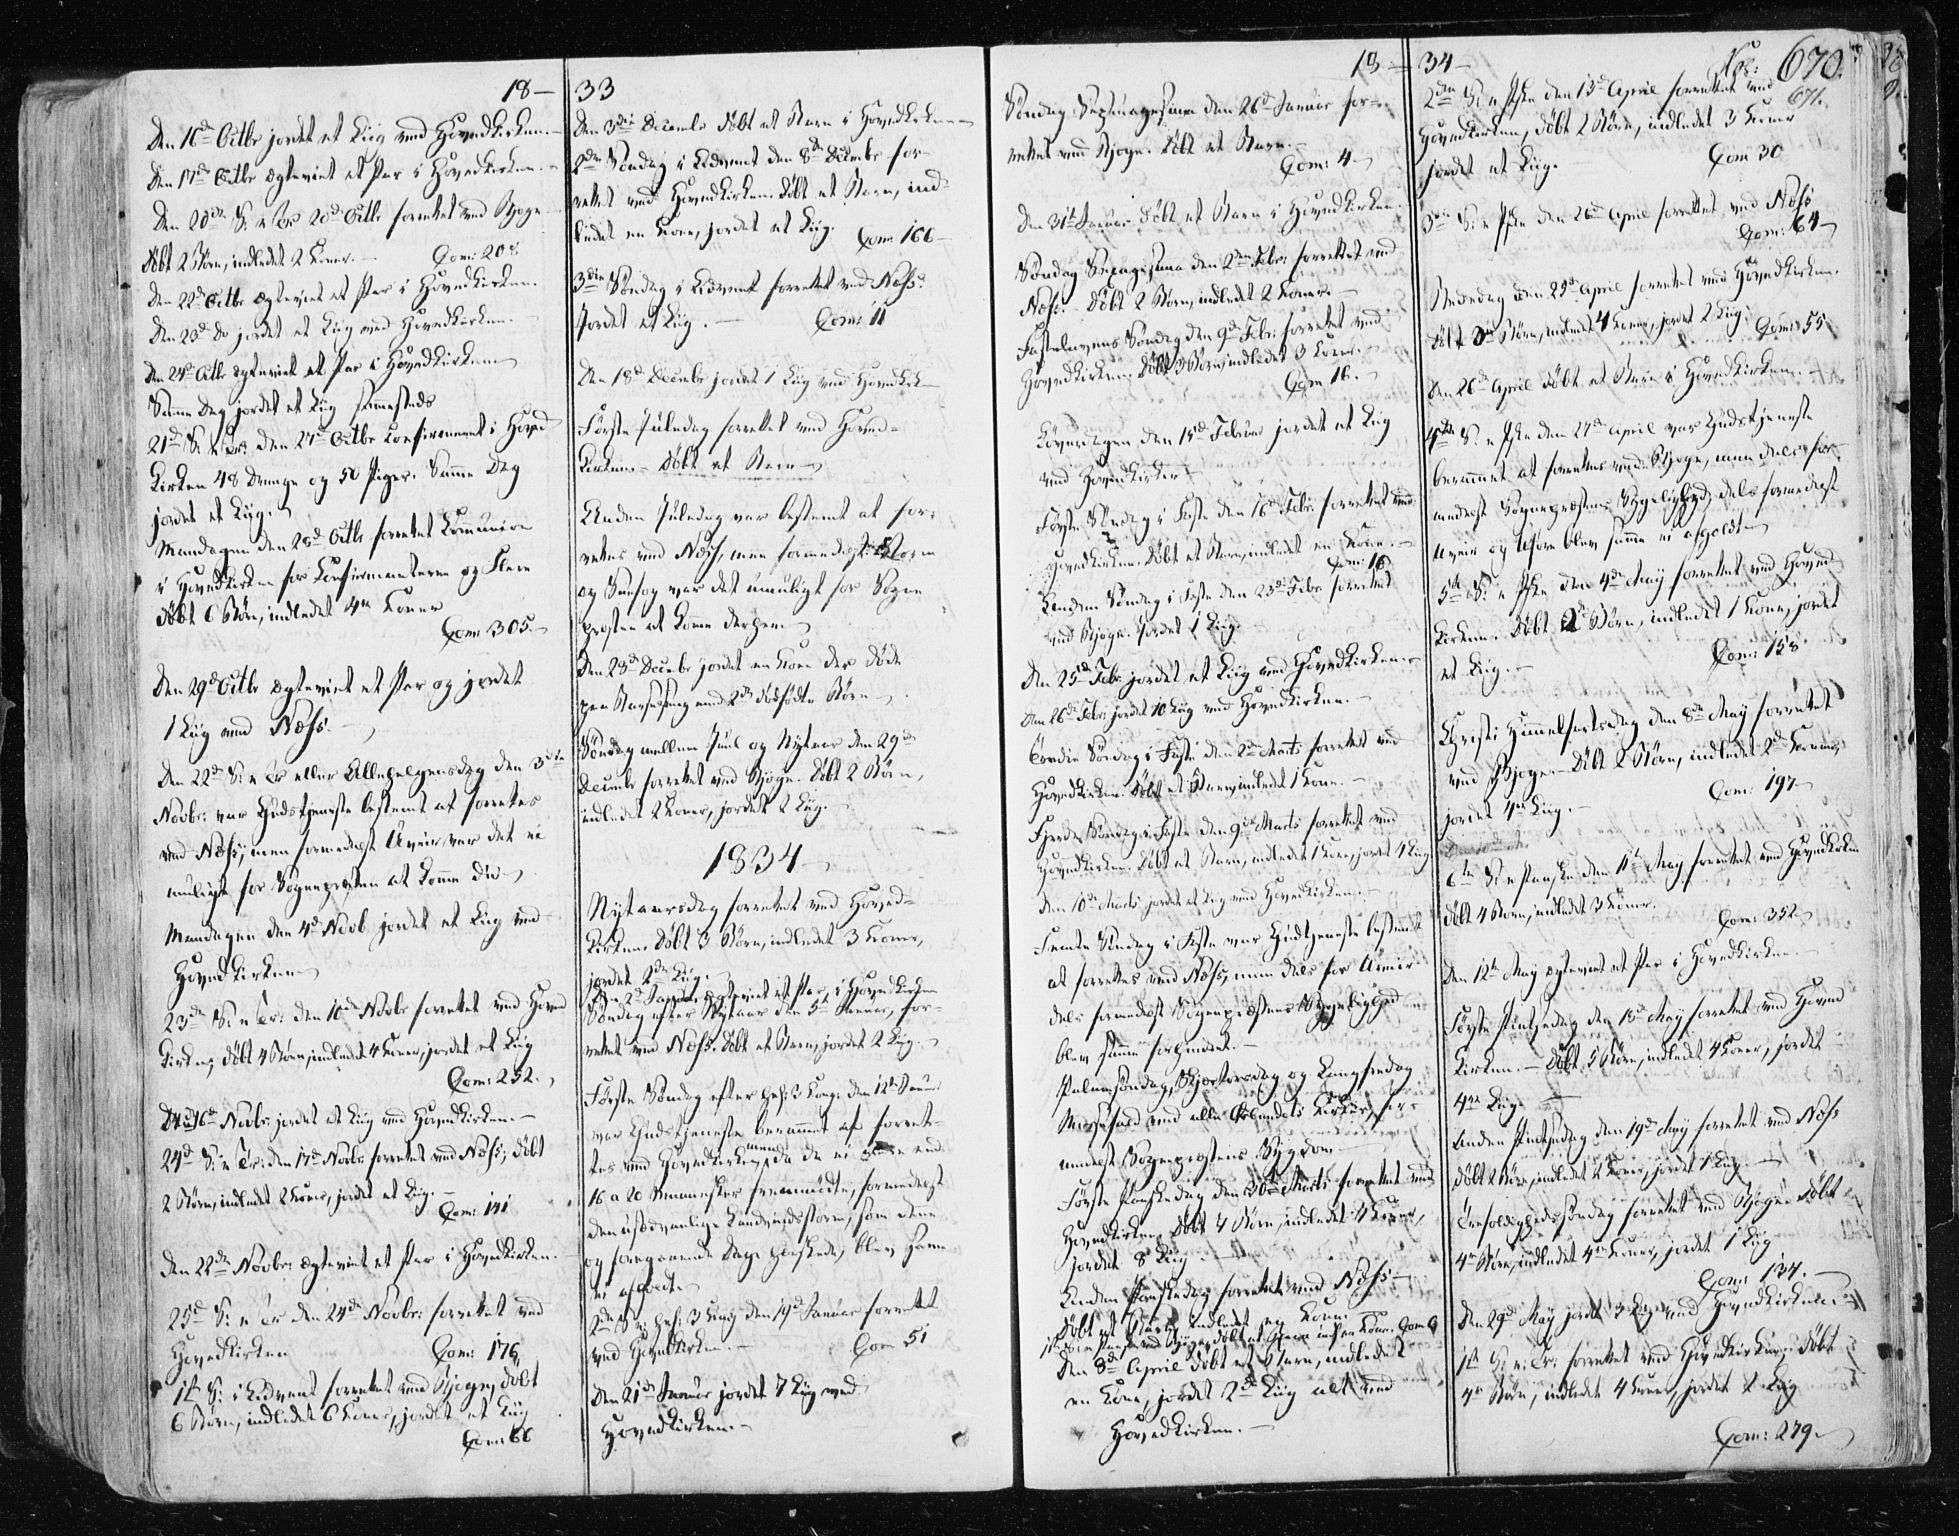 SAT, Ministerialprotokoller, klokkerbøker og fødselsregistre - Sør-Trøndelag, 659/L0735: Ministerialbok nr. 659A05, 1826-1841, s. 670